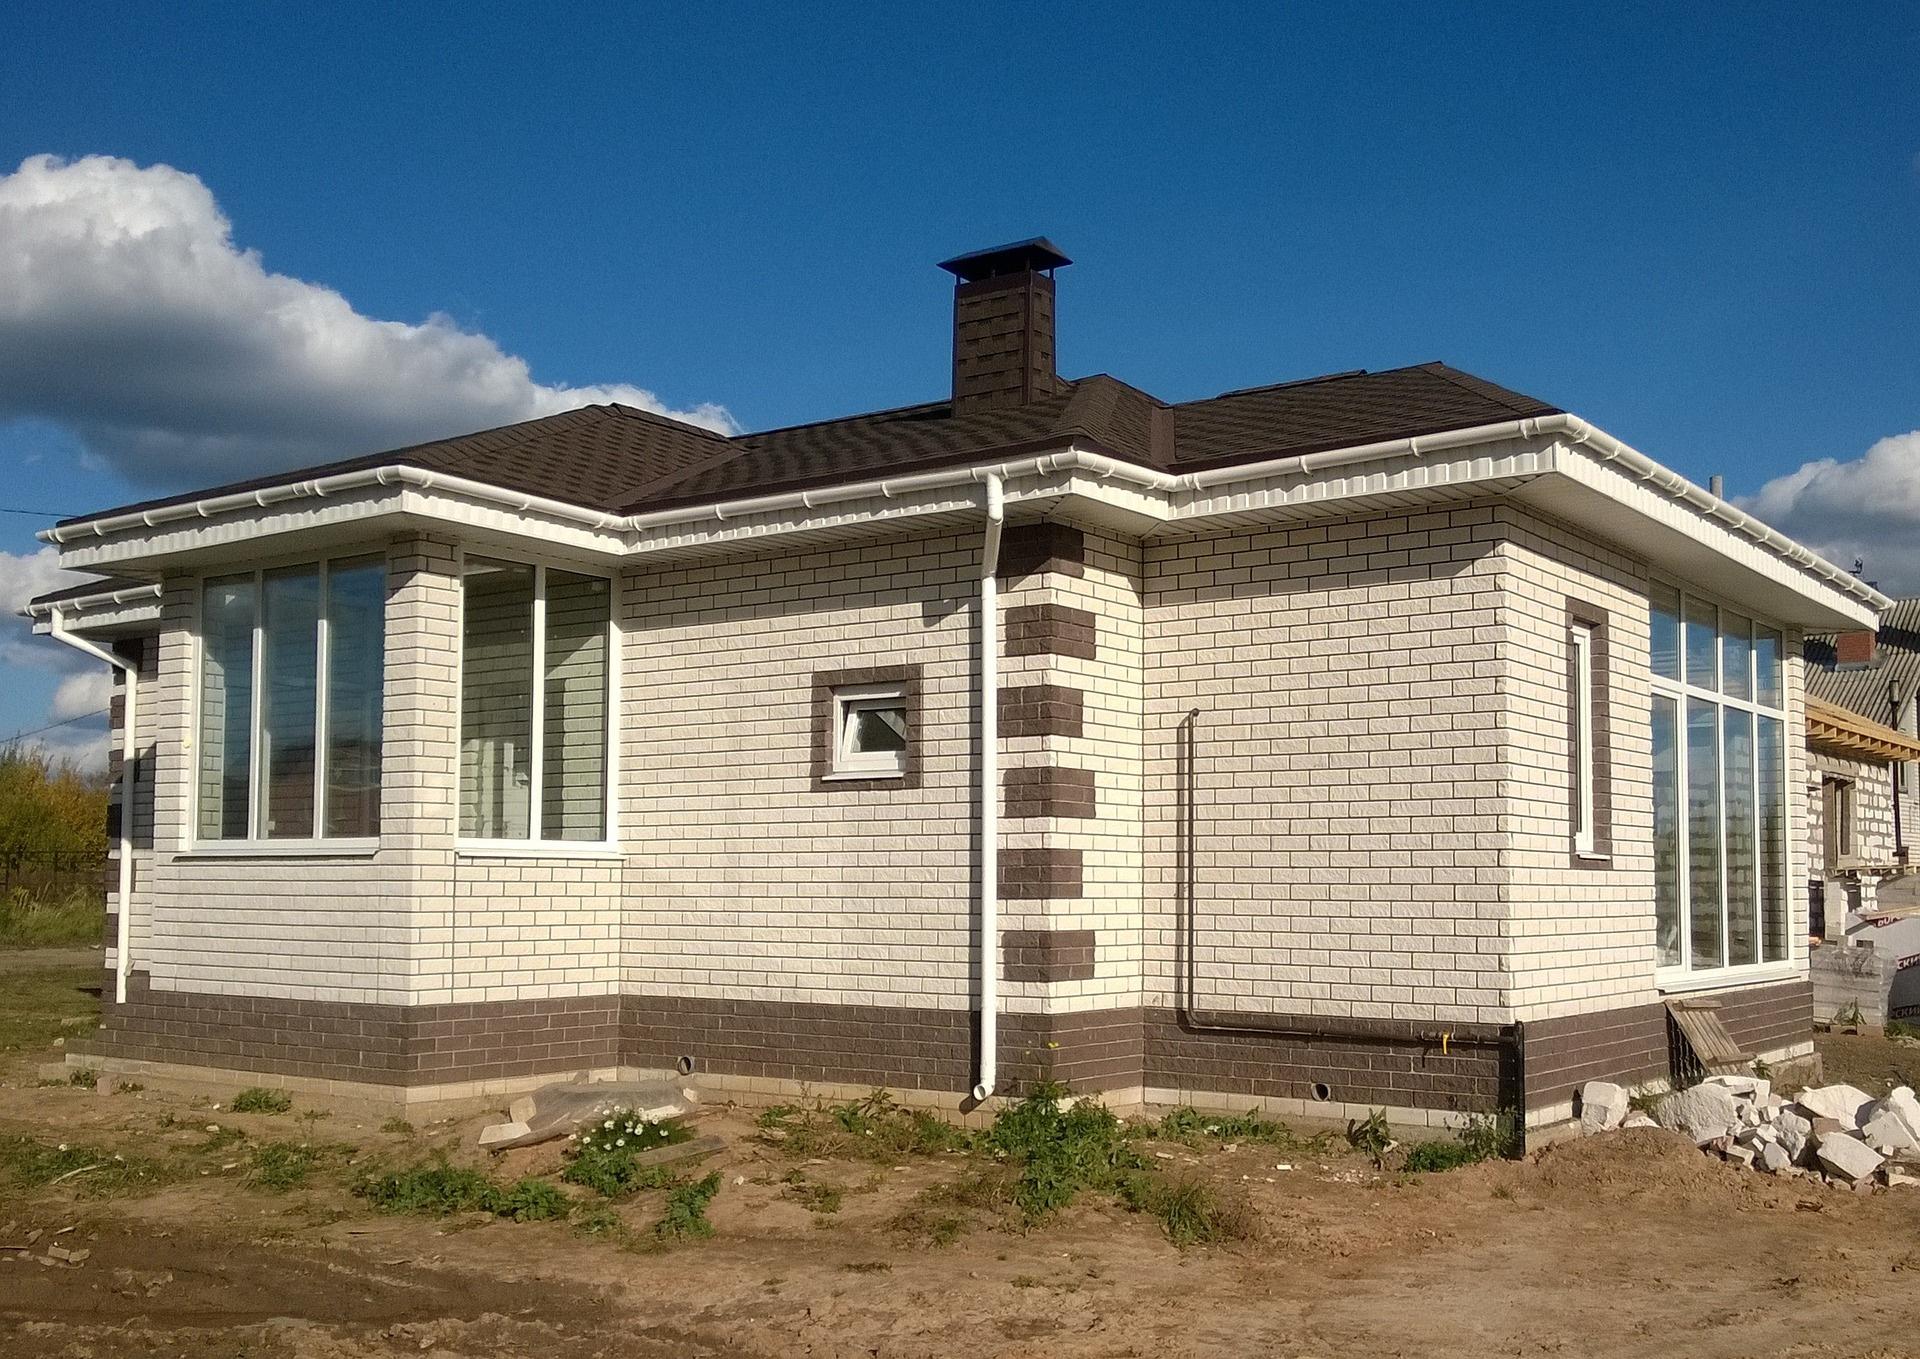 ипотека на строительство частного дома альфа банк б/у авто в кредит без первоначального взноса казань